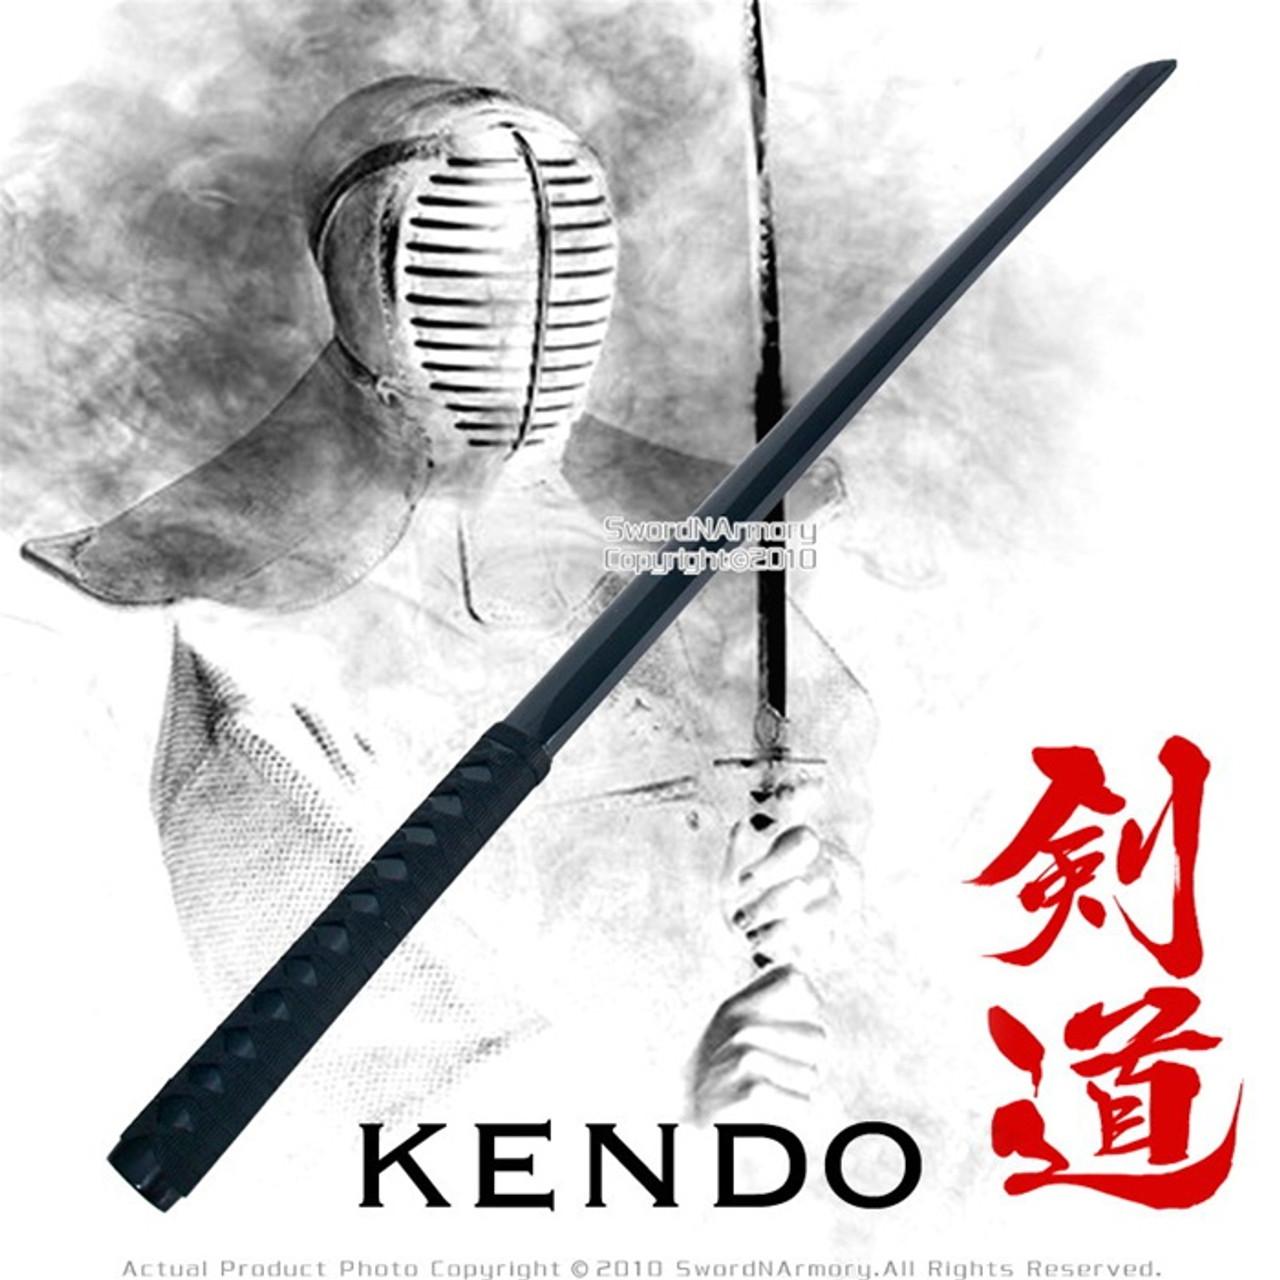 Wooden Kendo Bokken Practice Samurai Katana Sword